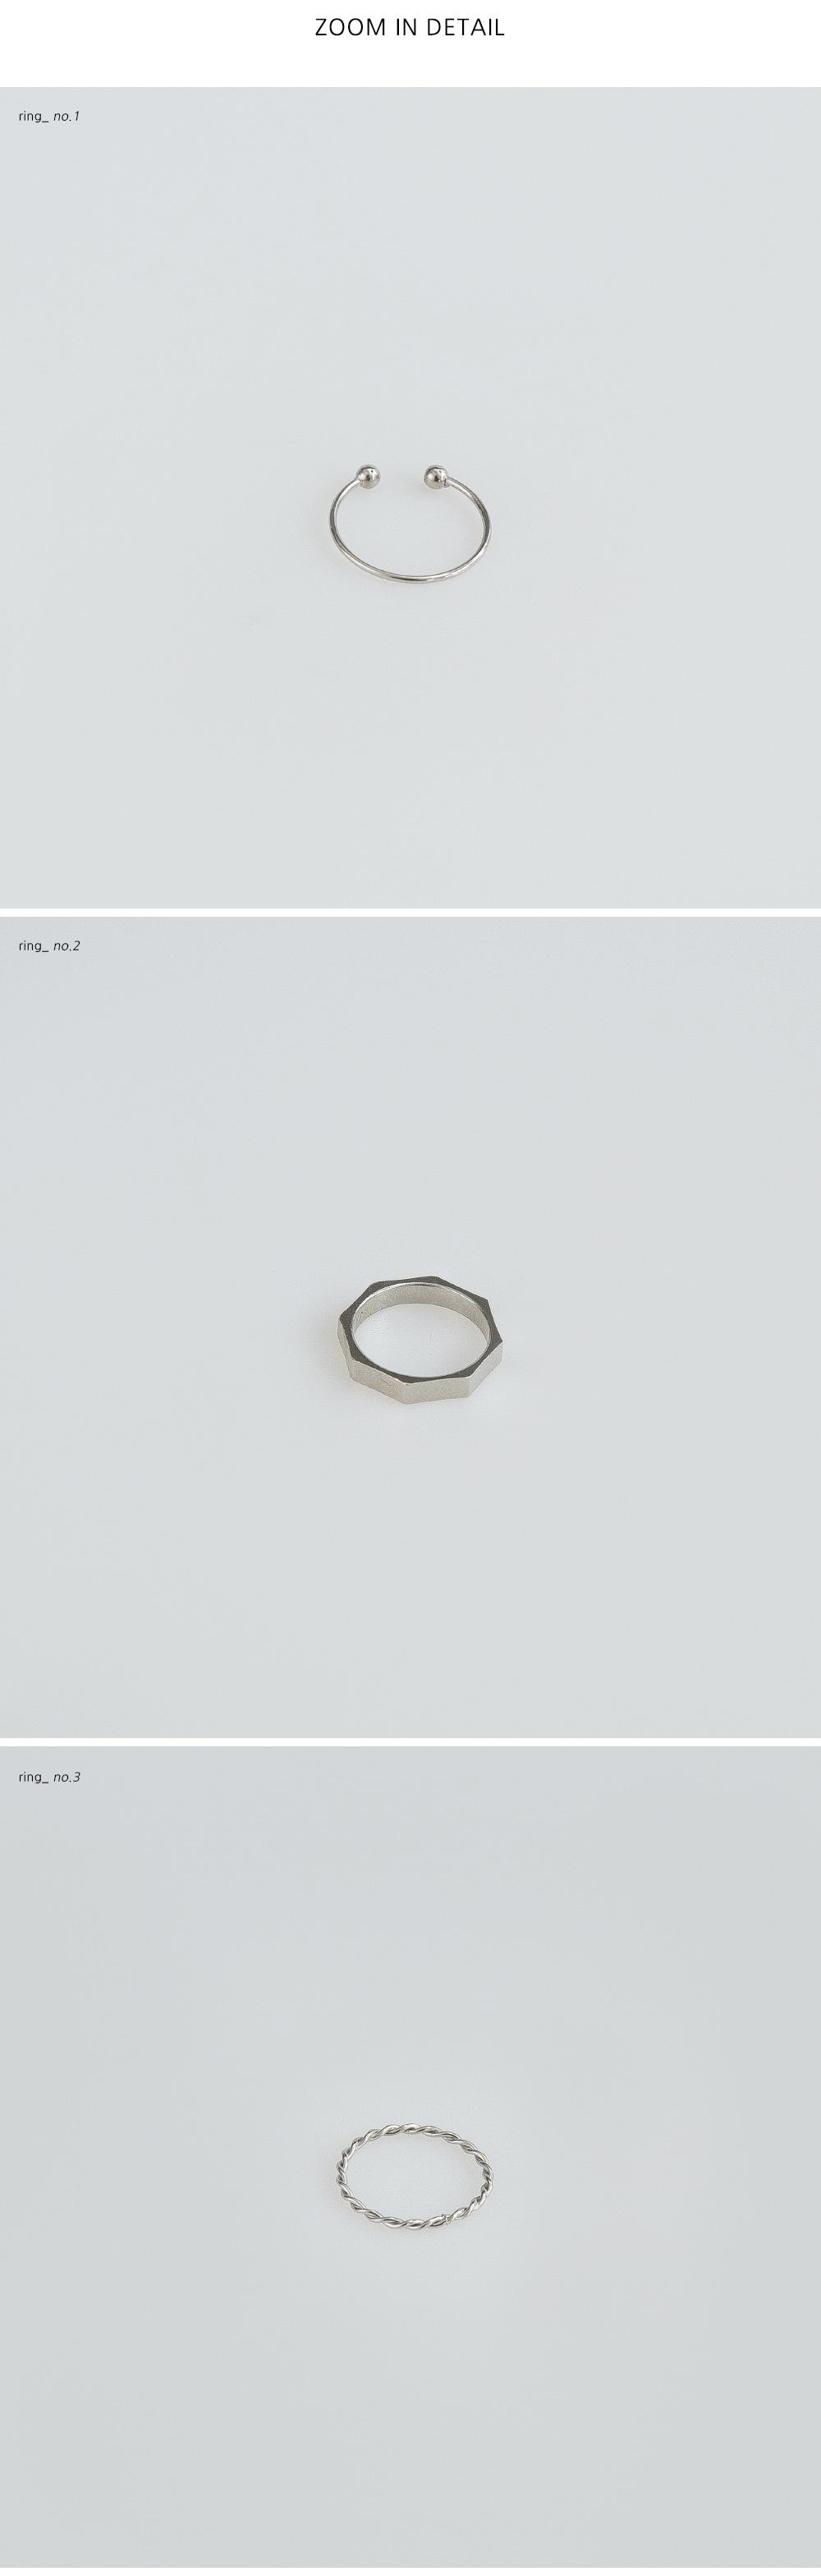 3-type simple ring set